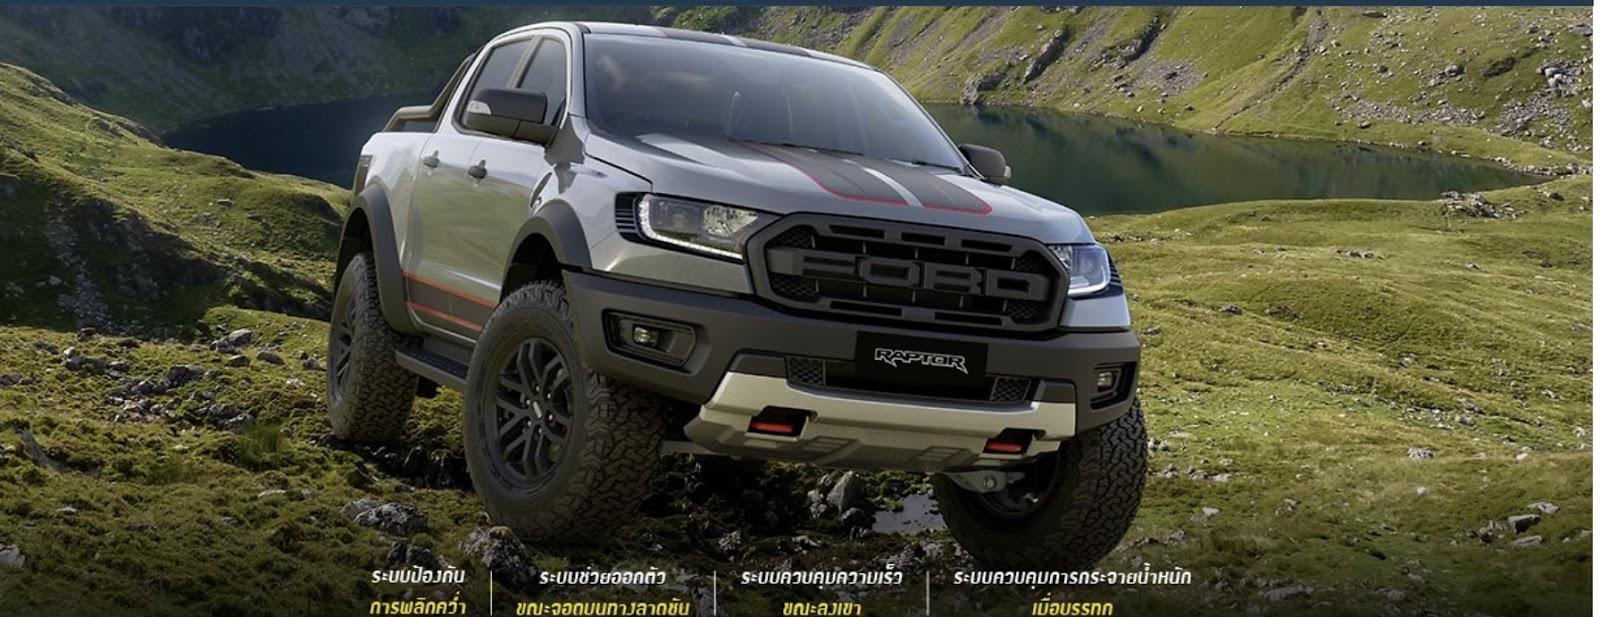 ระบบความปลอดภัยของรถยนต์ : Ford Ranger Raptor X